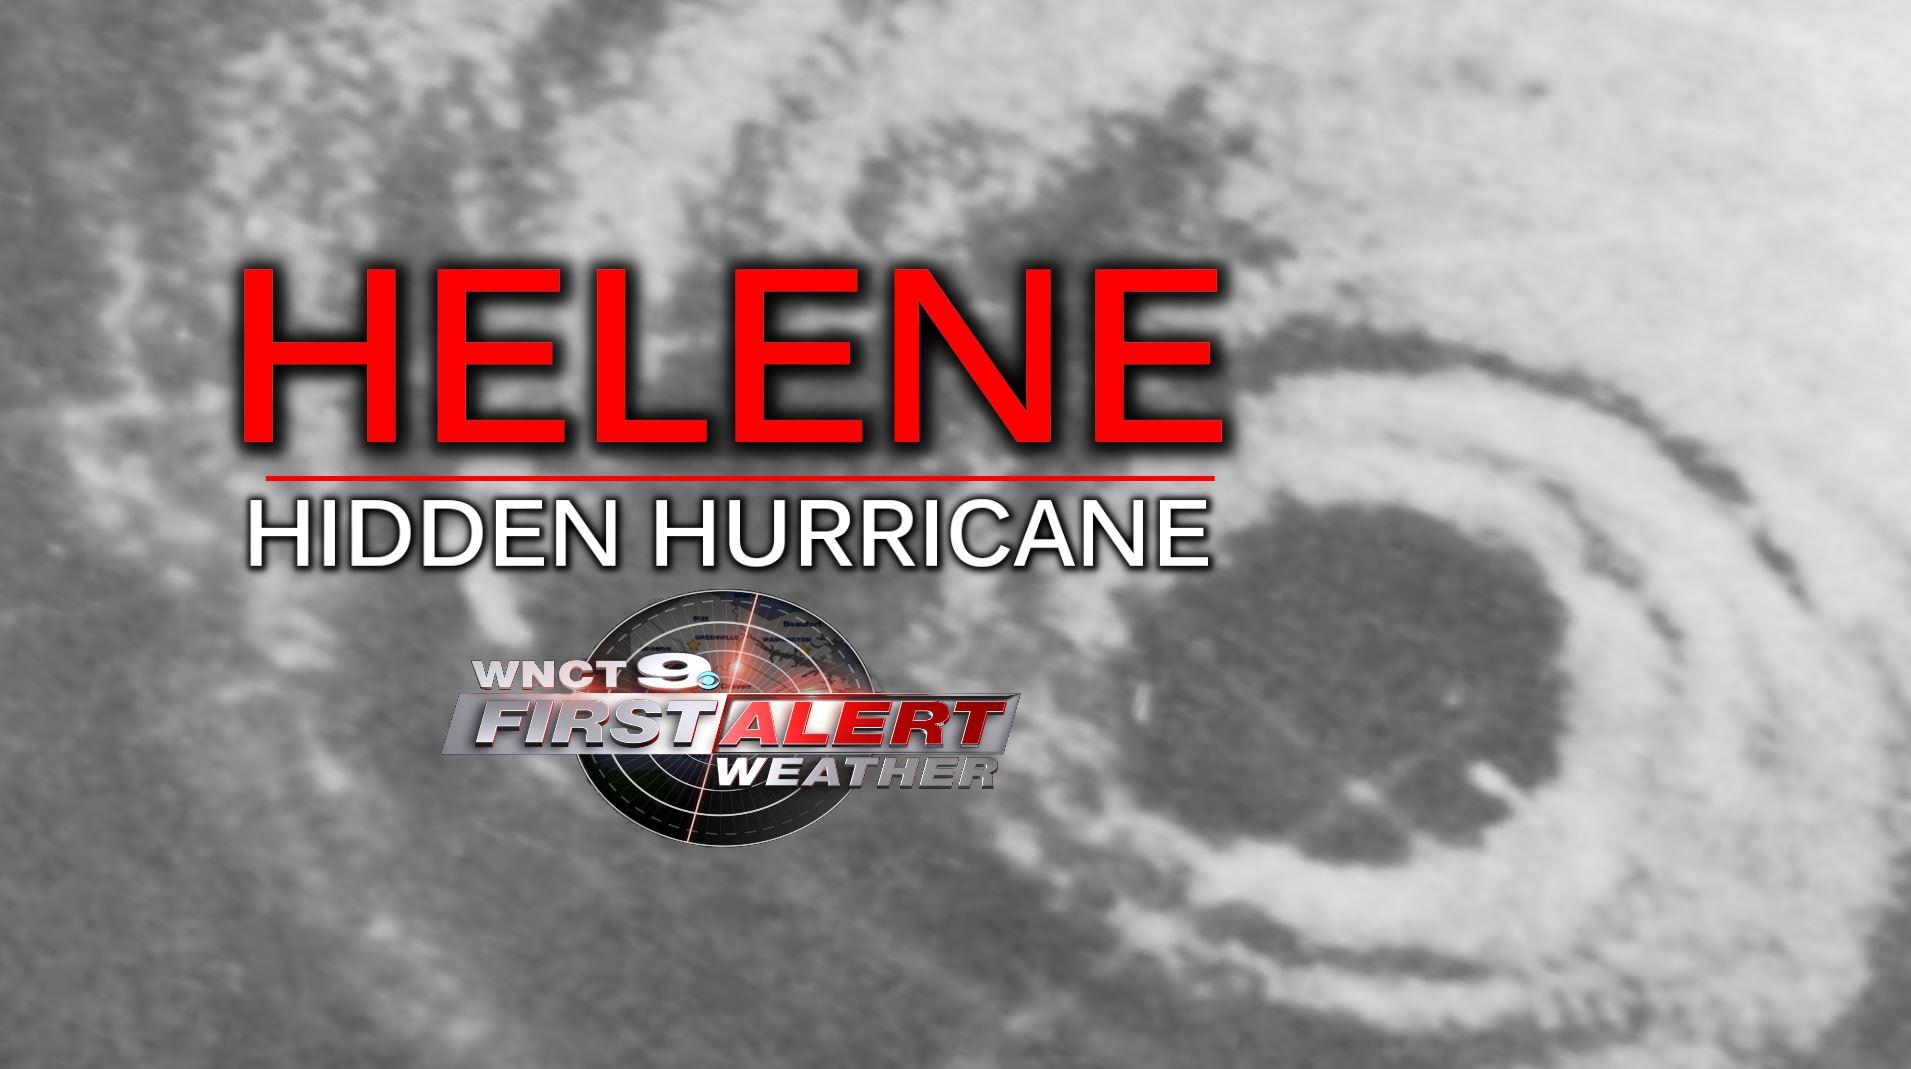 Helene: Hidden Hurricane